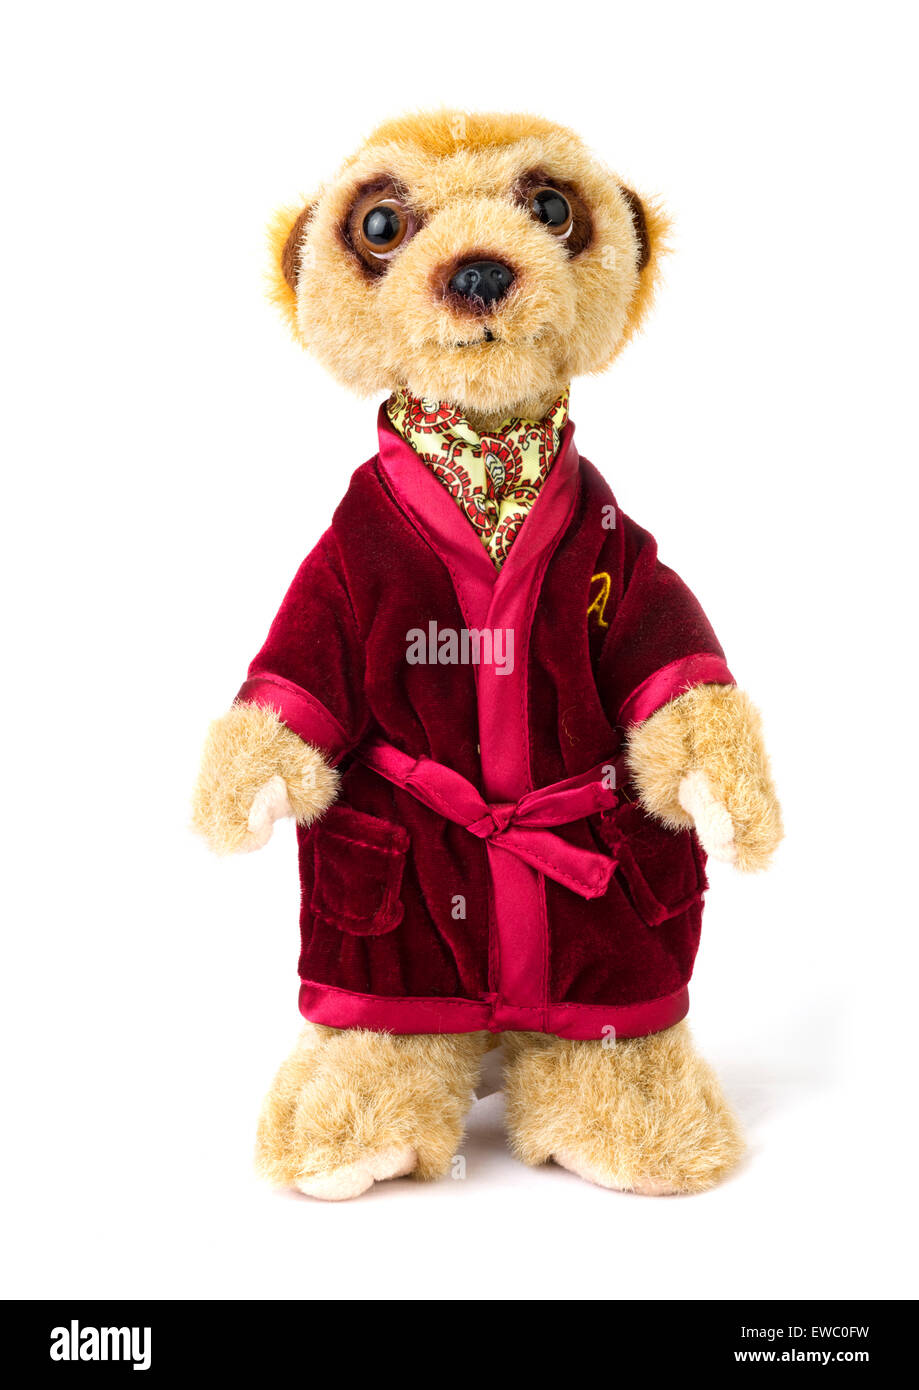 Aleksandr Orlov meerkat jouet de Comparethemarket.com site de comparaison de prix, UK Photo Stock